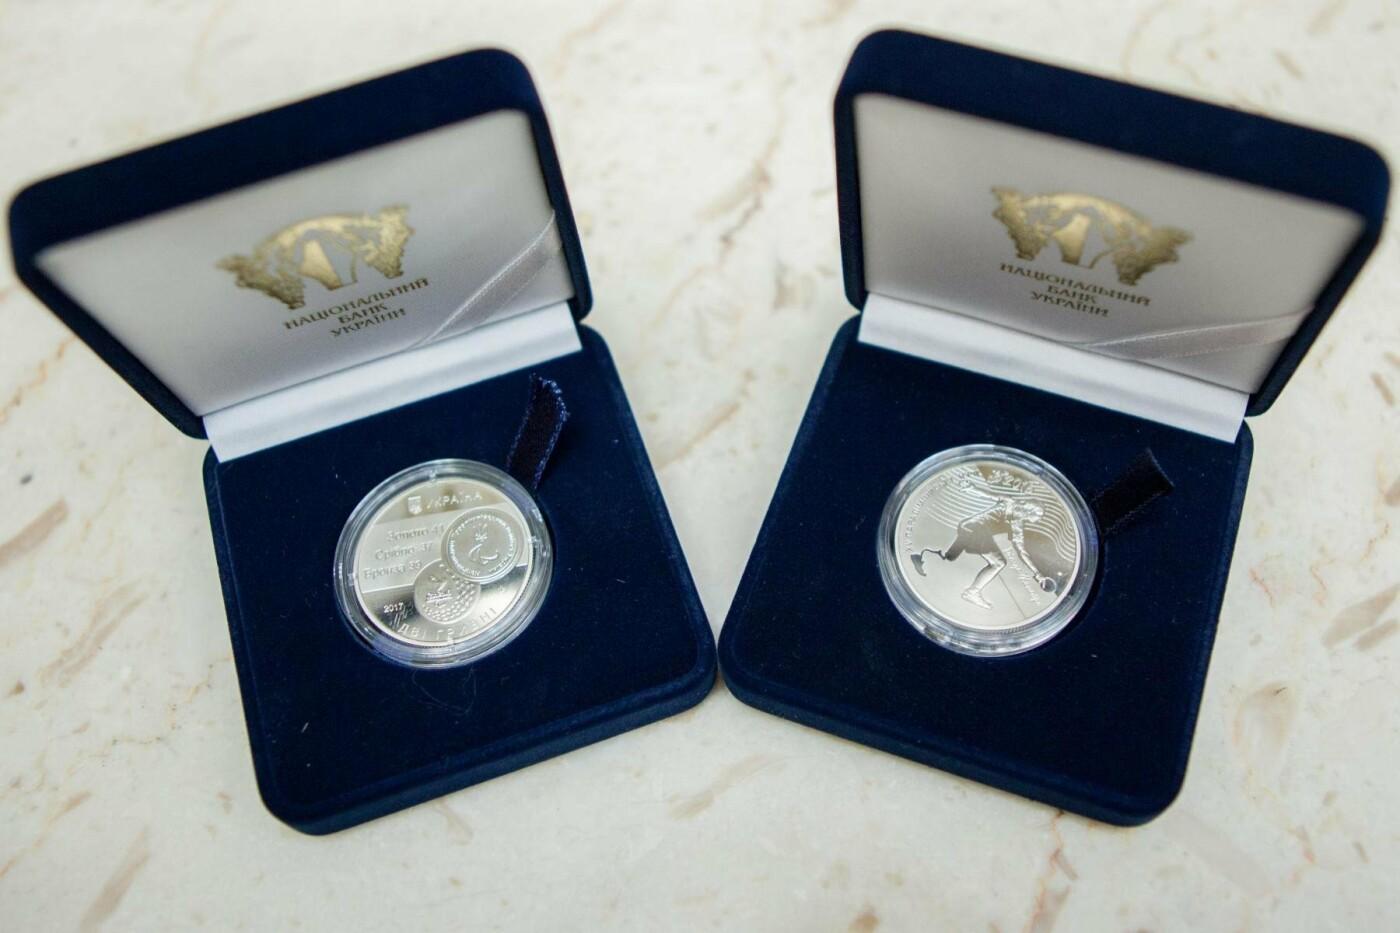 НБУ презентовал новую памятную монету (ФОТО, ВИДЕО), фото-4